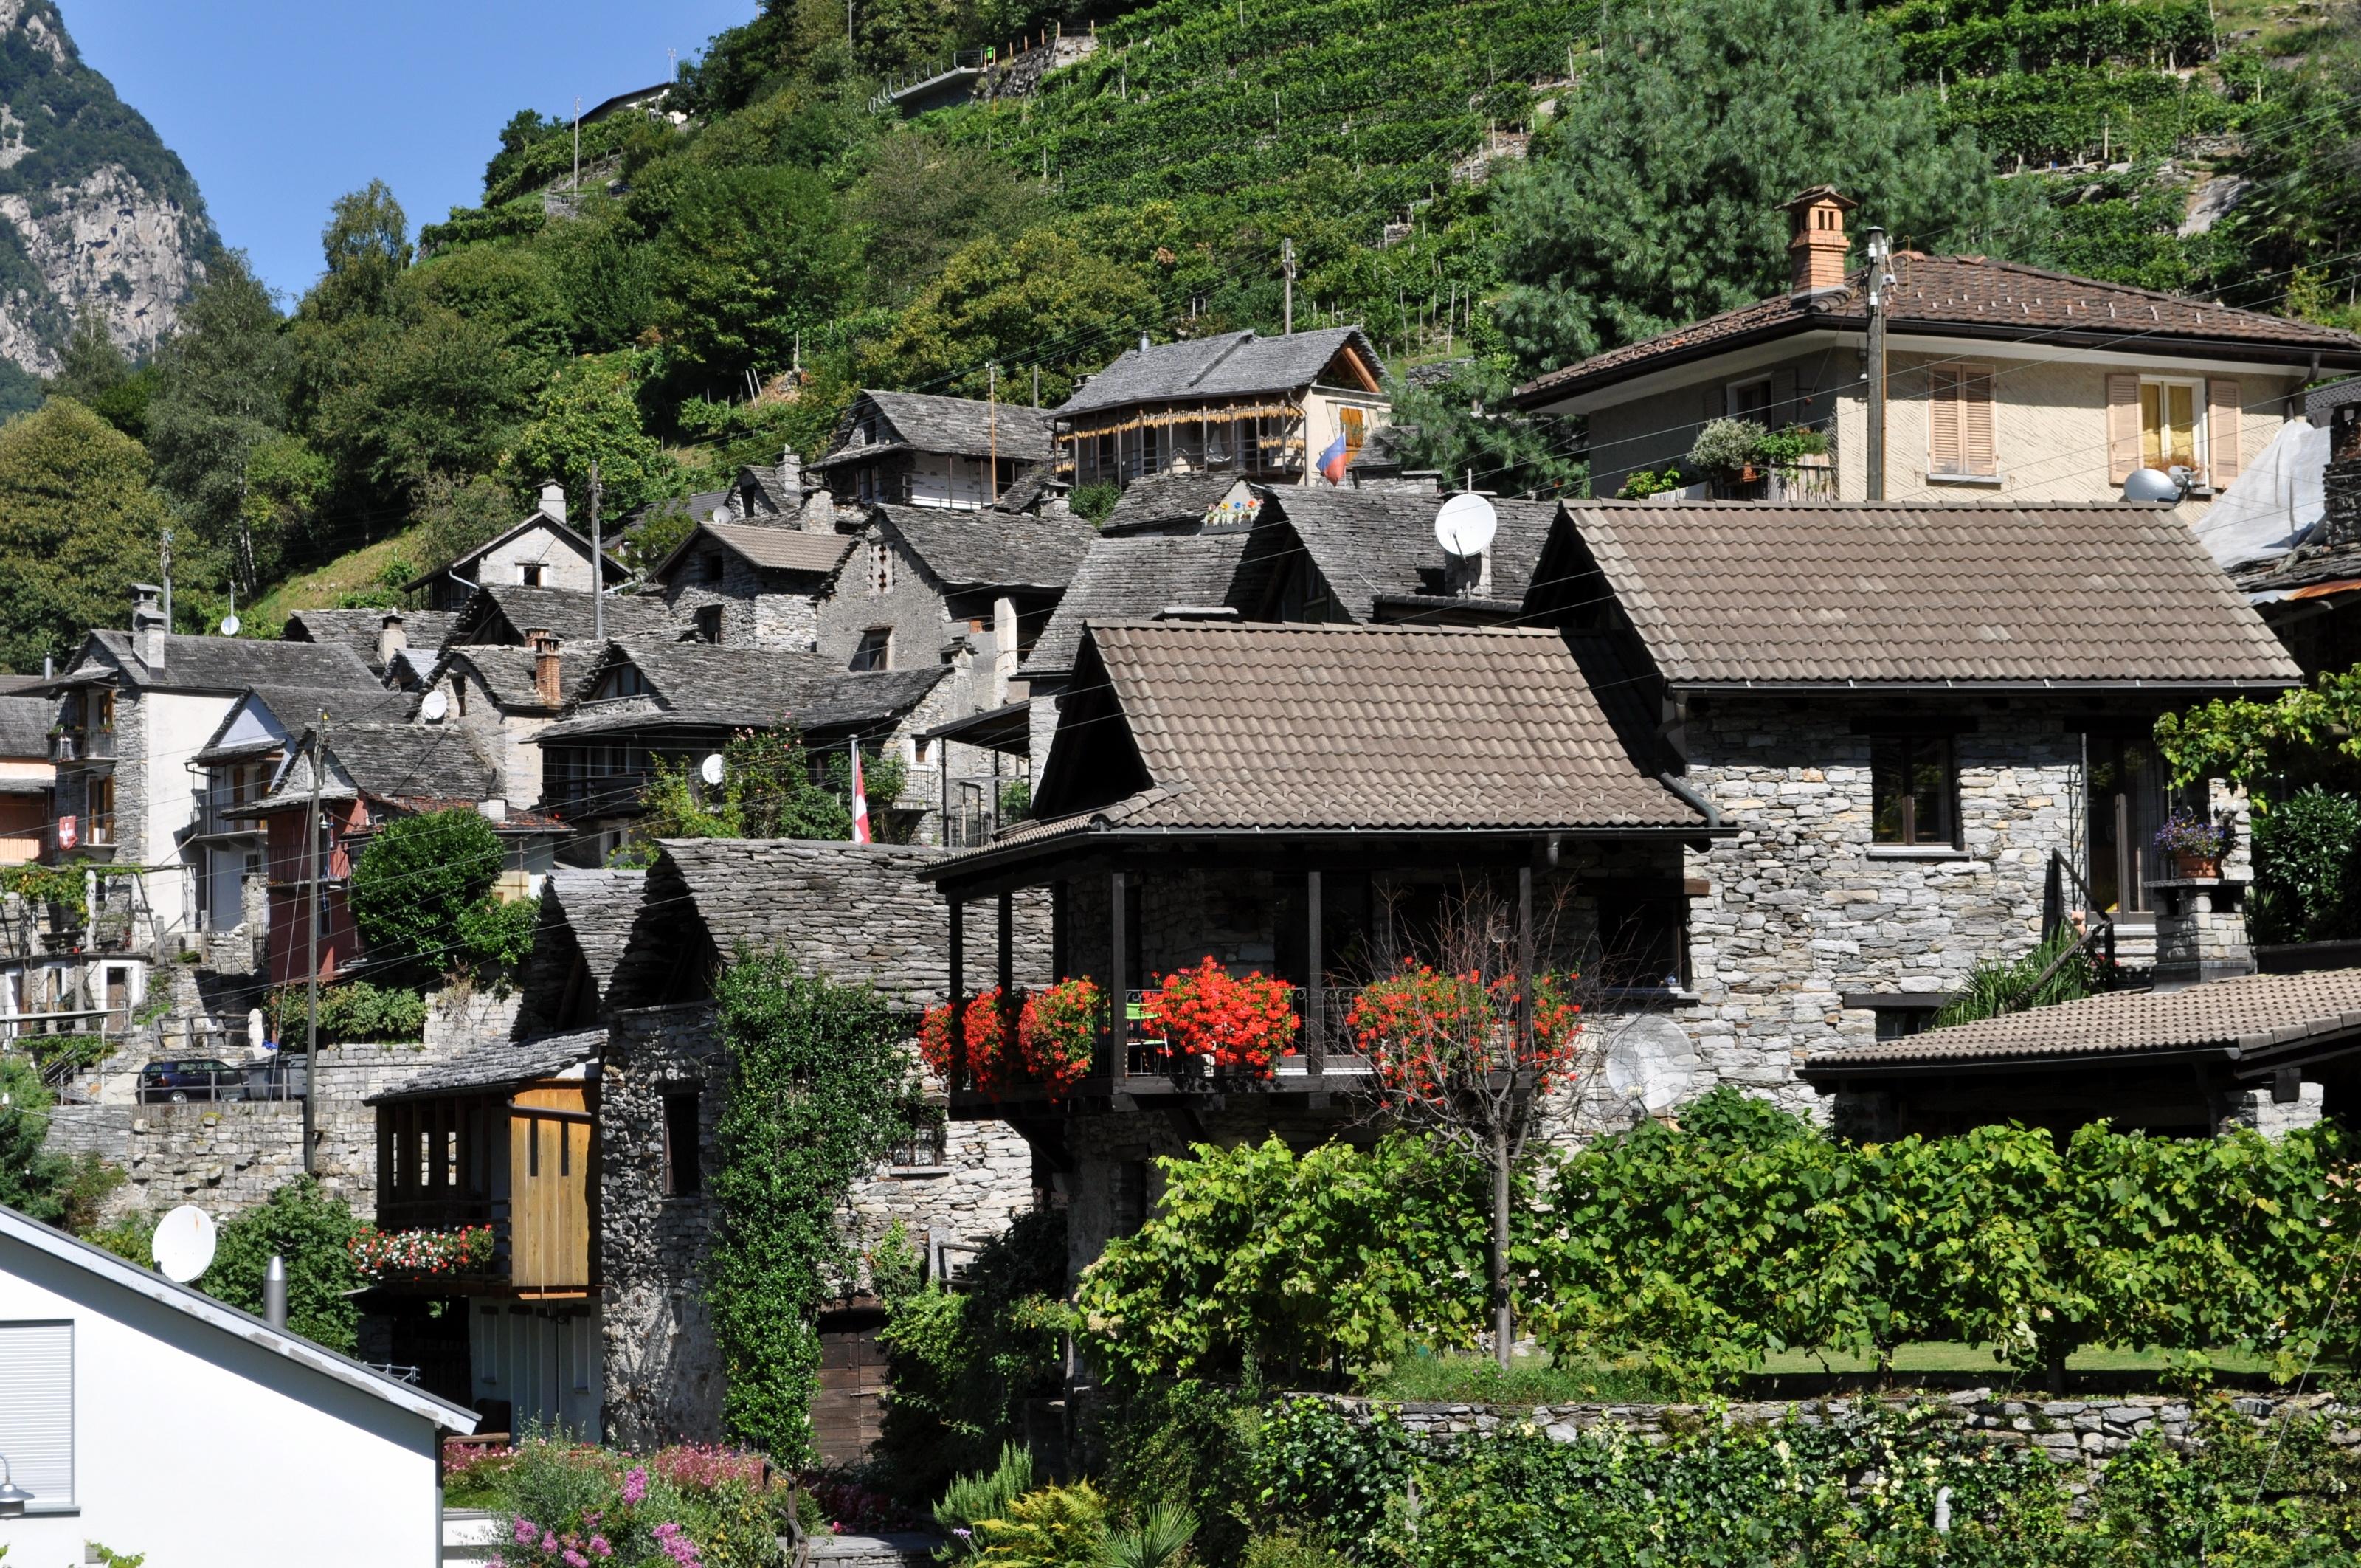 Les projets immobiliers en Suisse